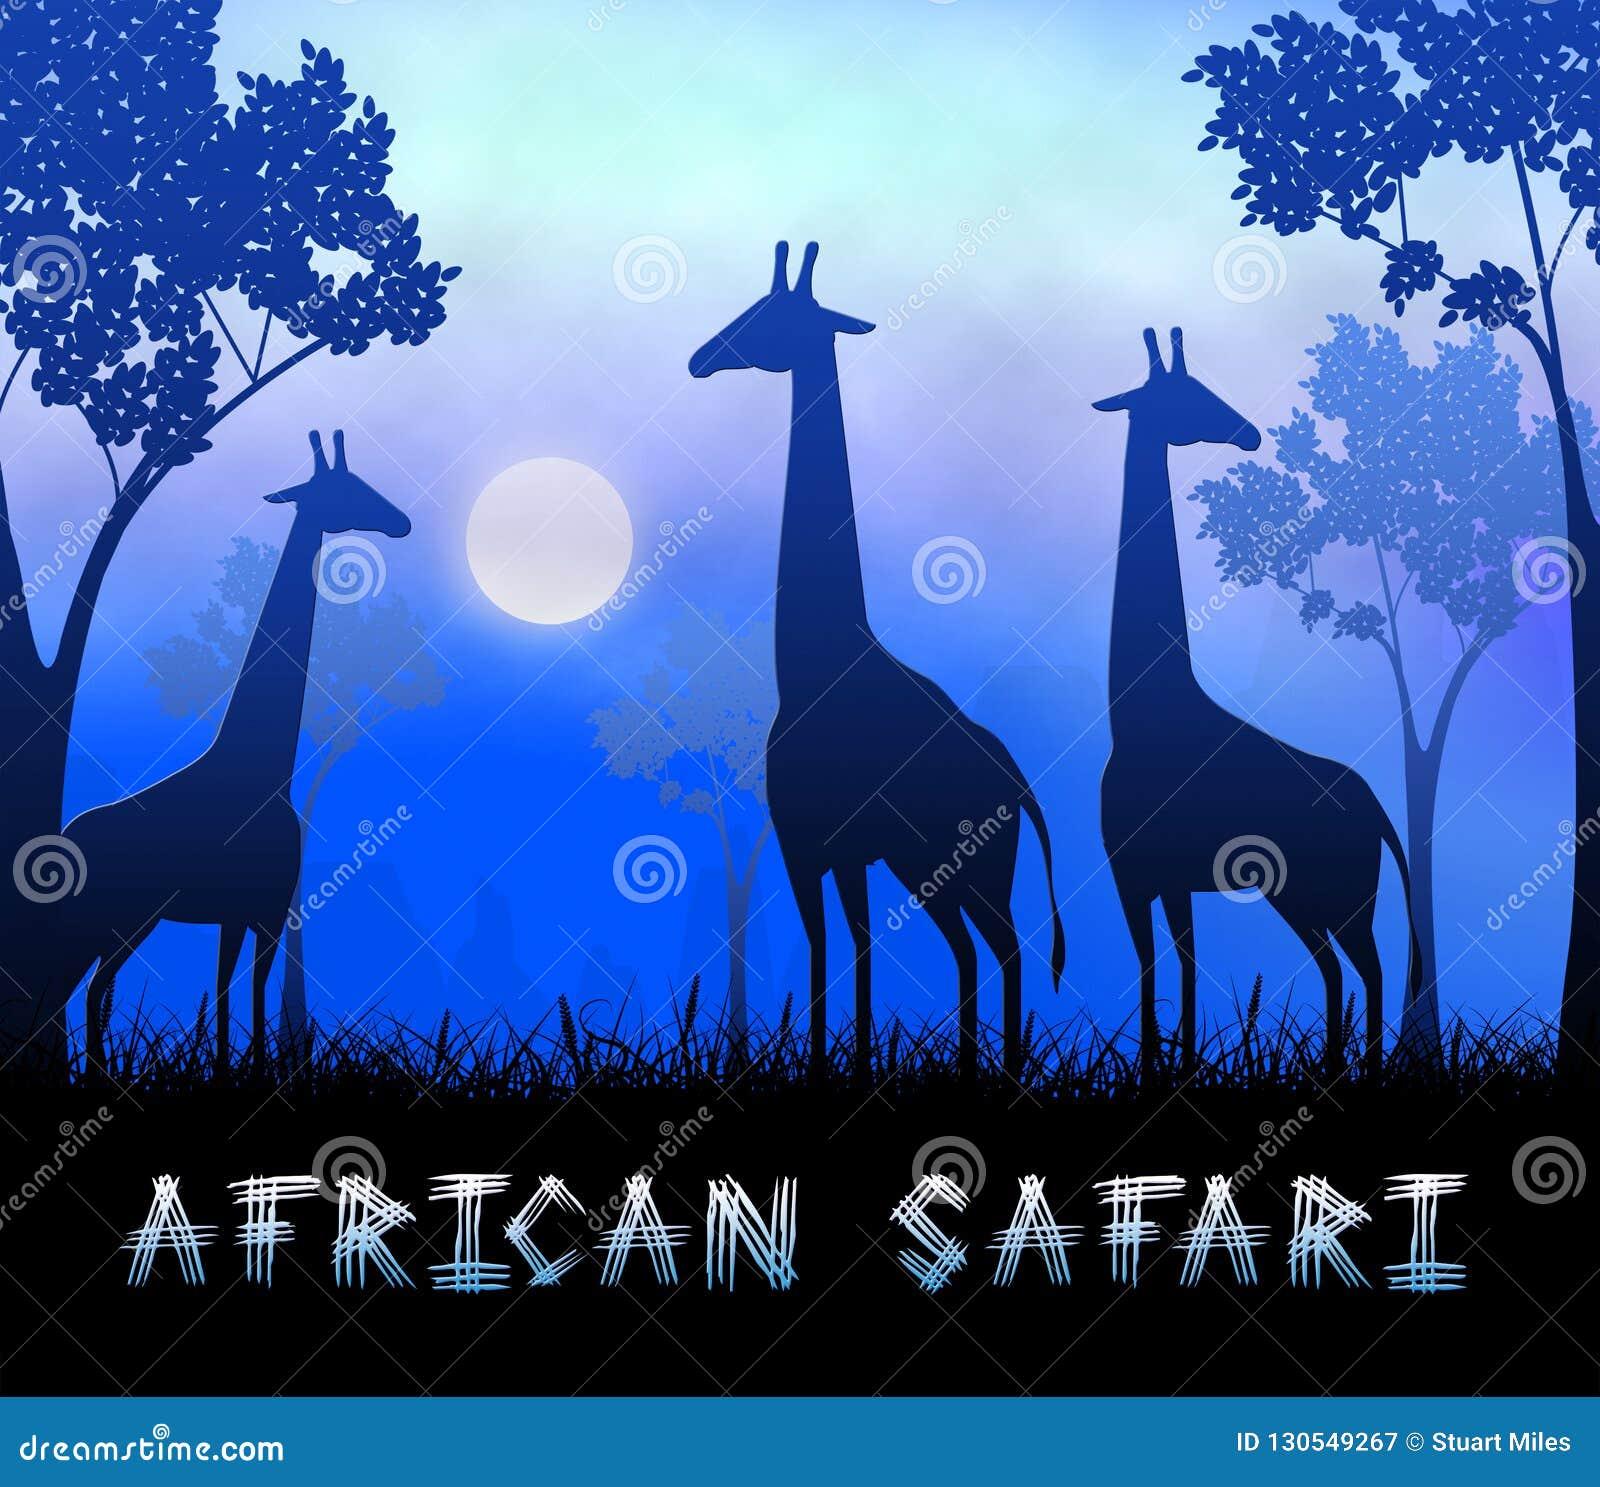 De Afrikaanse 3d Illustratie van Safari Showing Wildlife Reserve